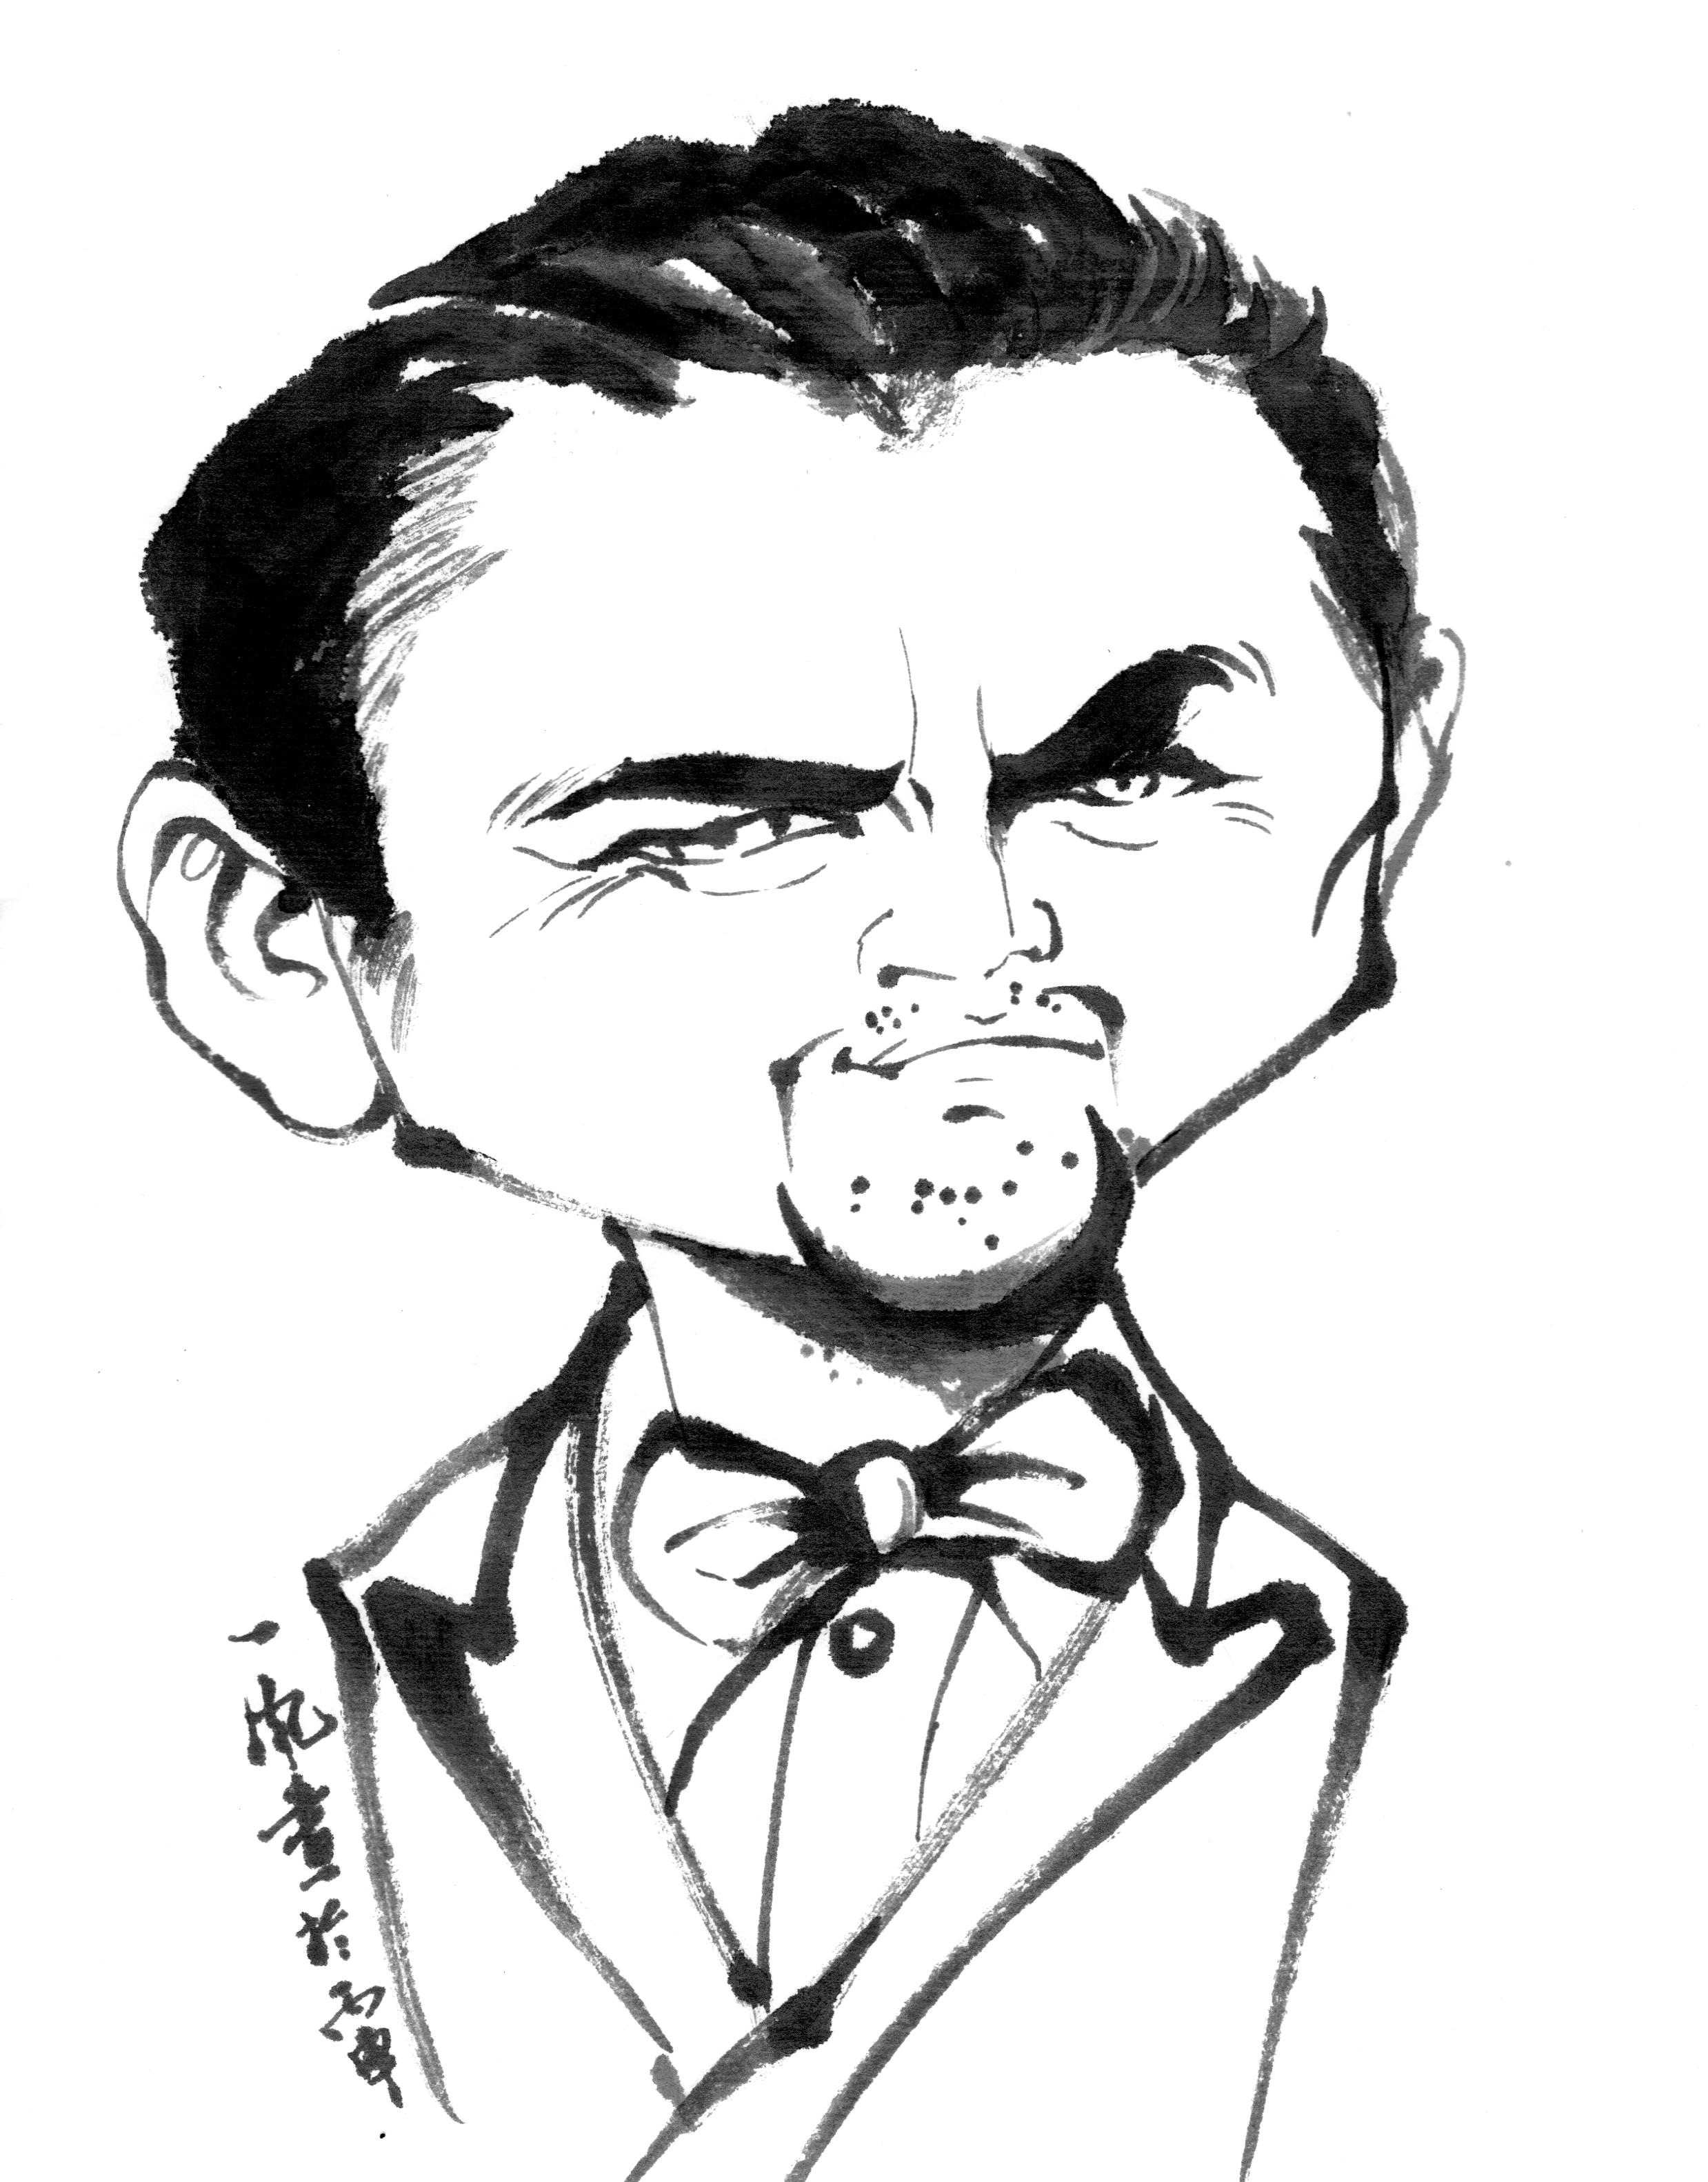 一风作品|动漫|肖像漫画|一风老师 - 原创作品 - 站酷